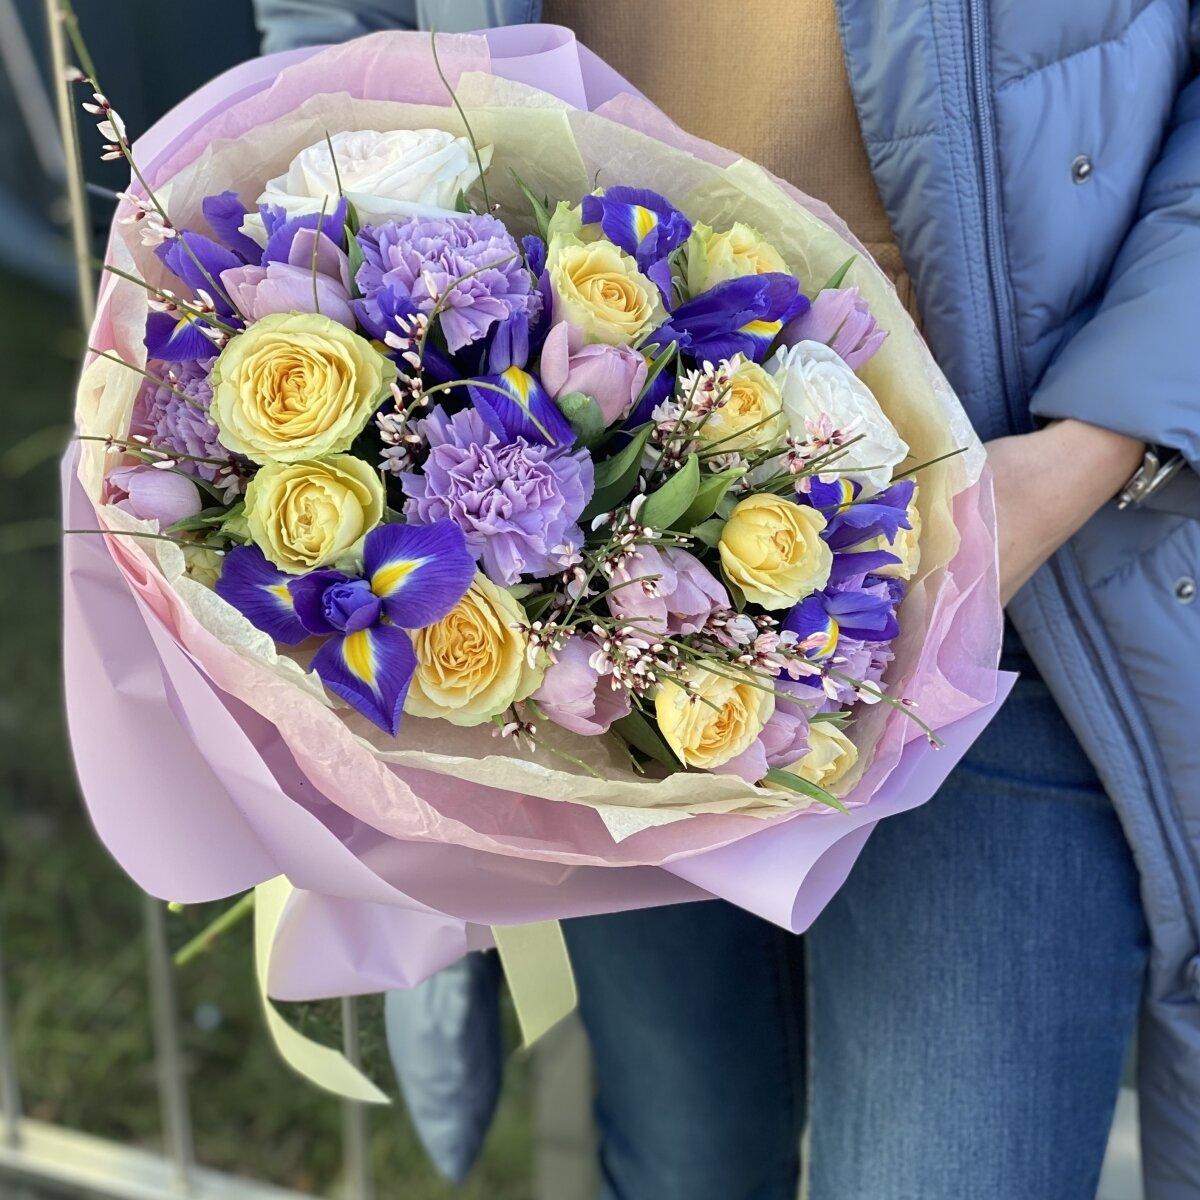 Букет Алгоритм Любви из тюльпанов, кустовой розы, генисты, ирисов и диантуса